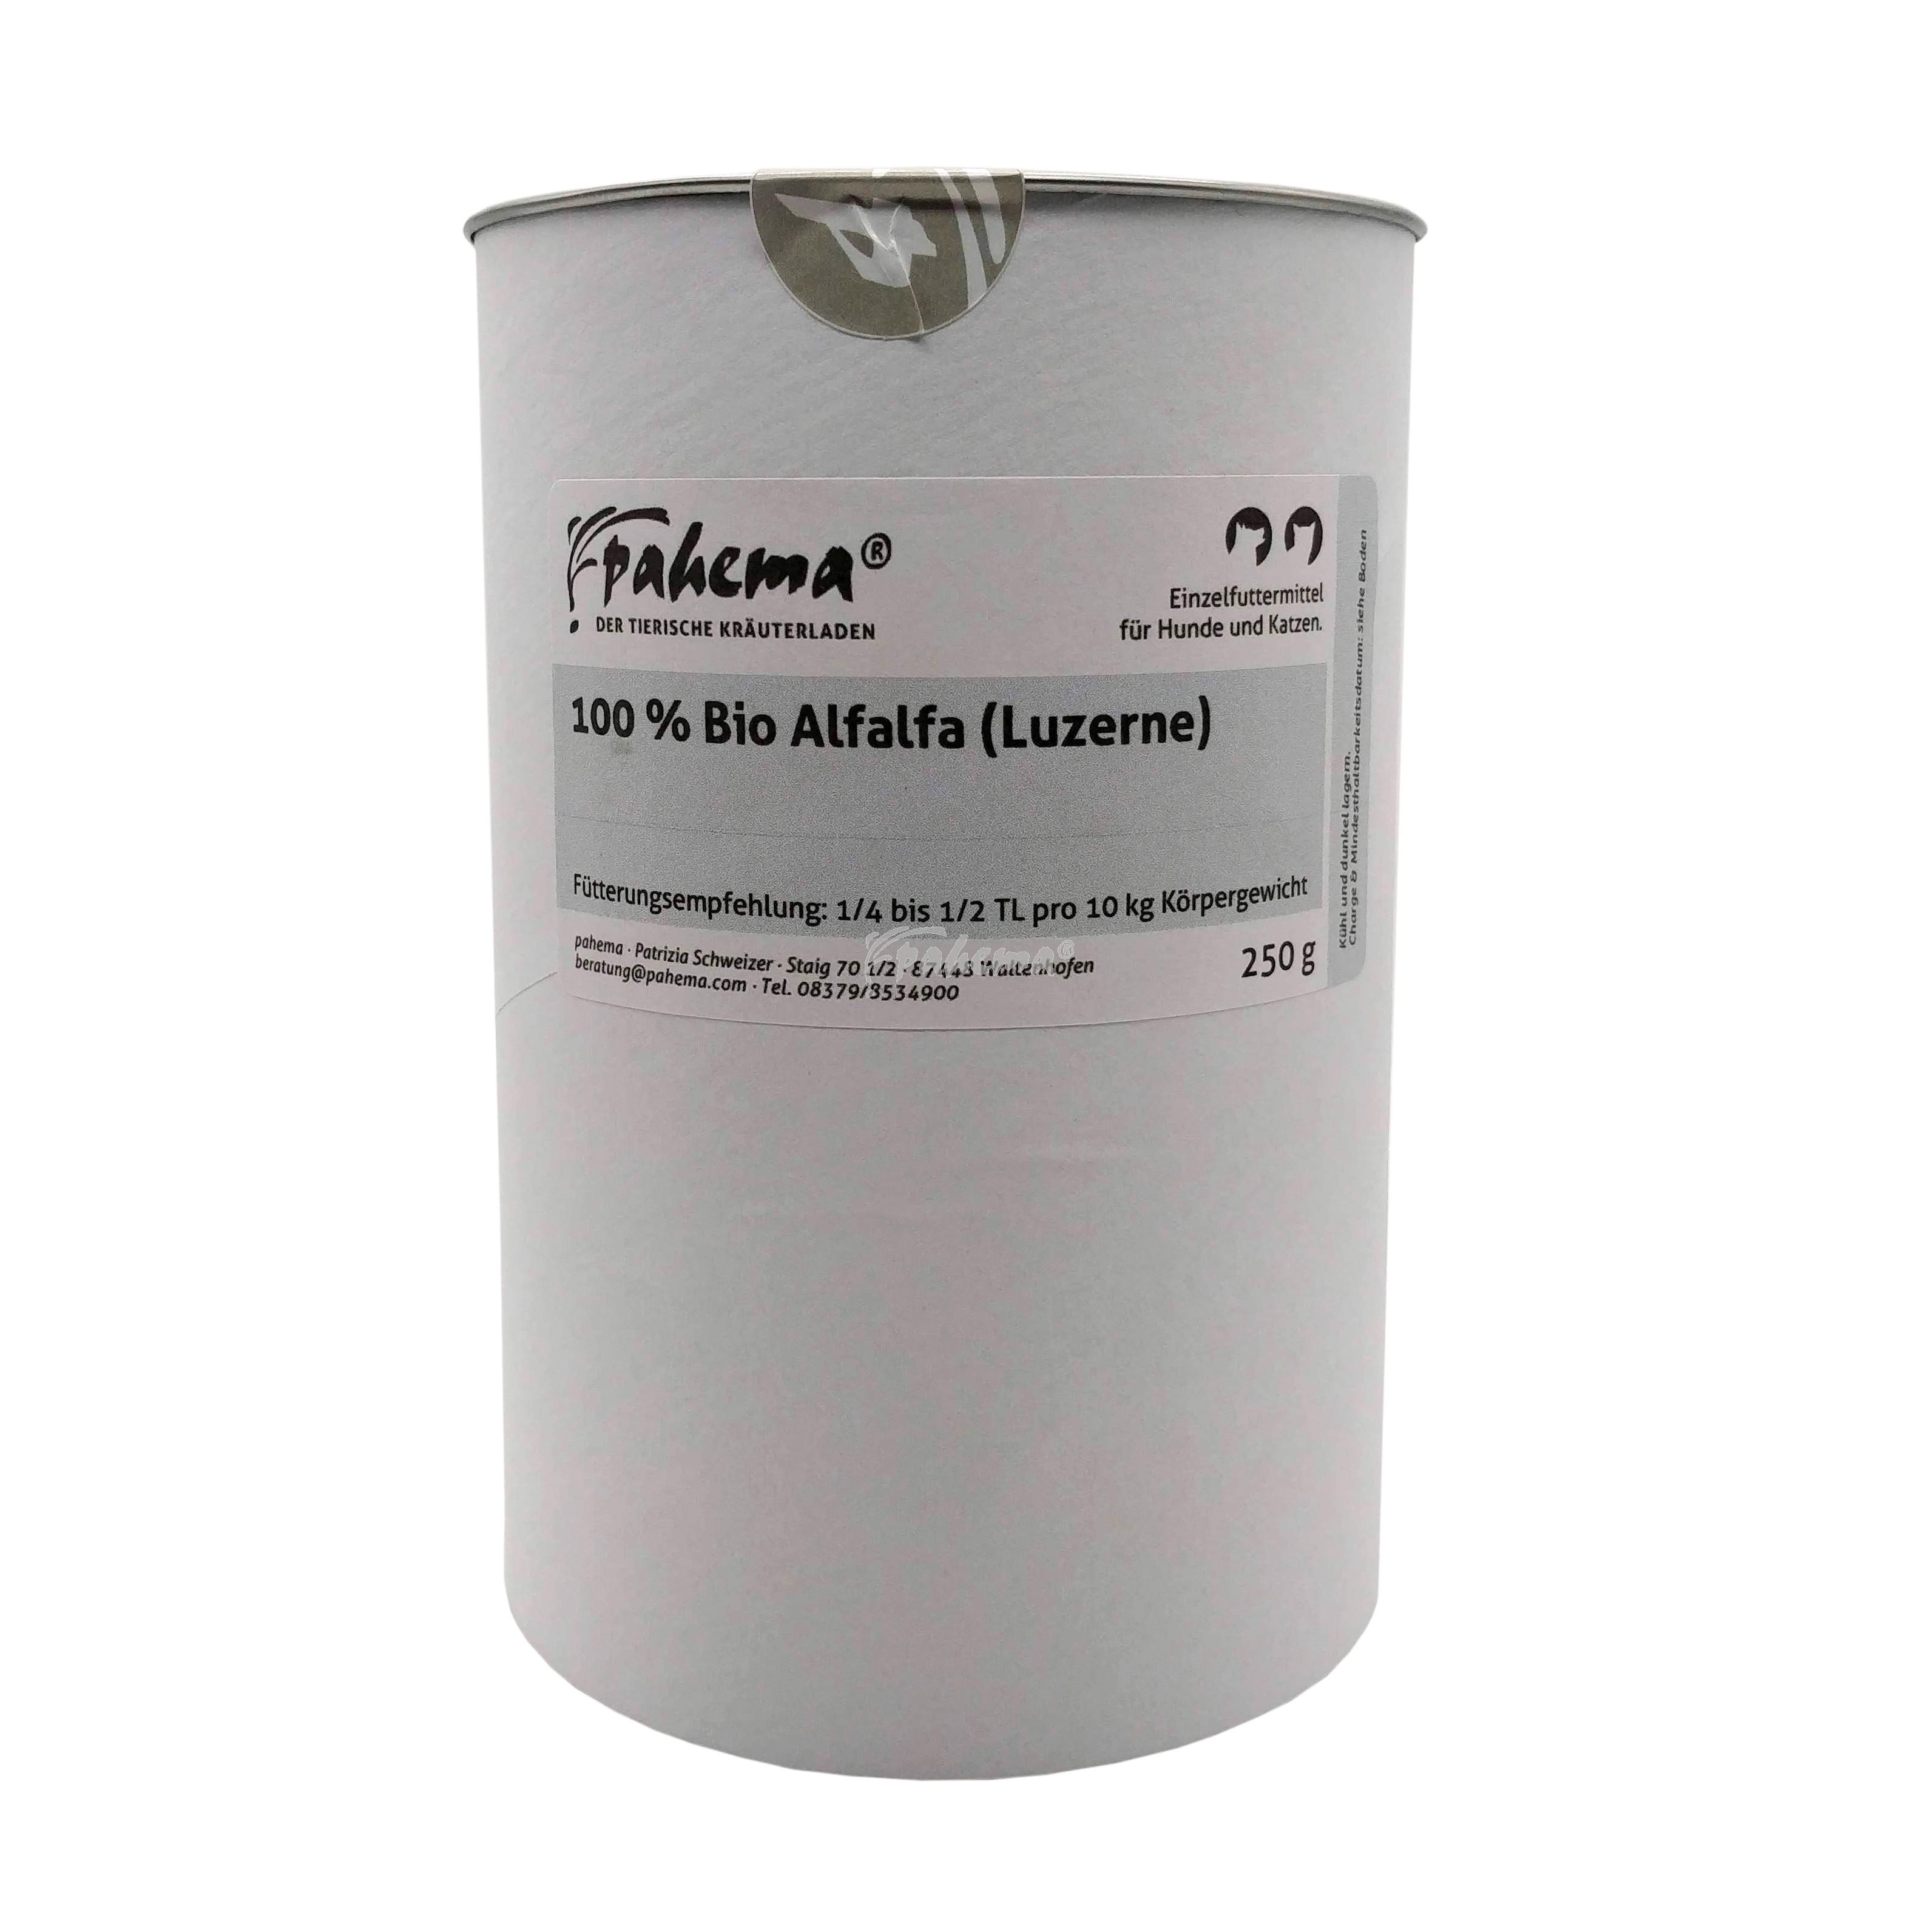 Produktbild: Bio Alfalfa